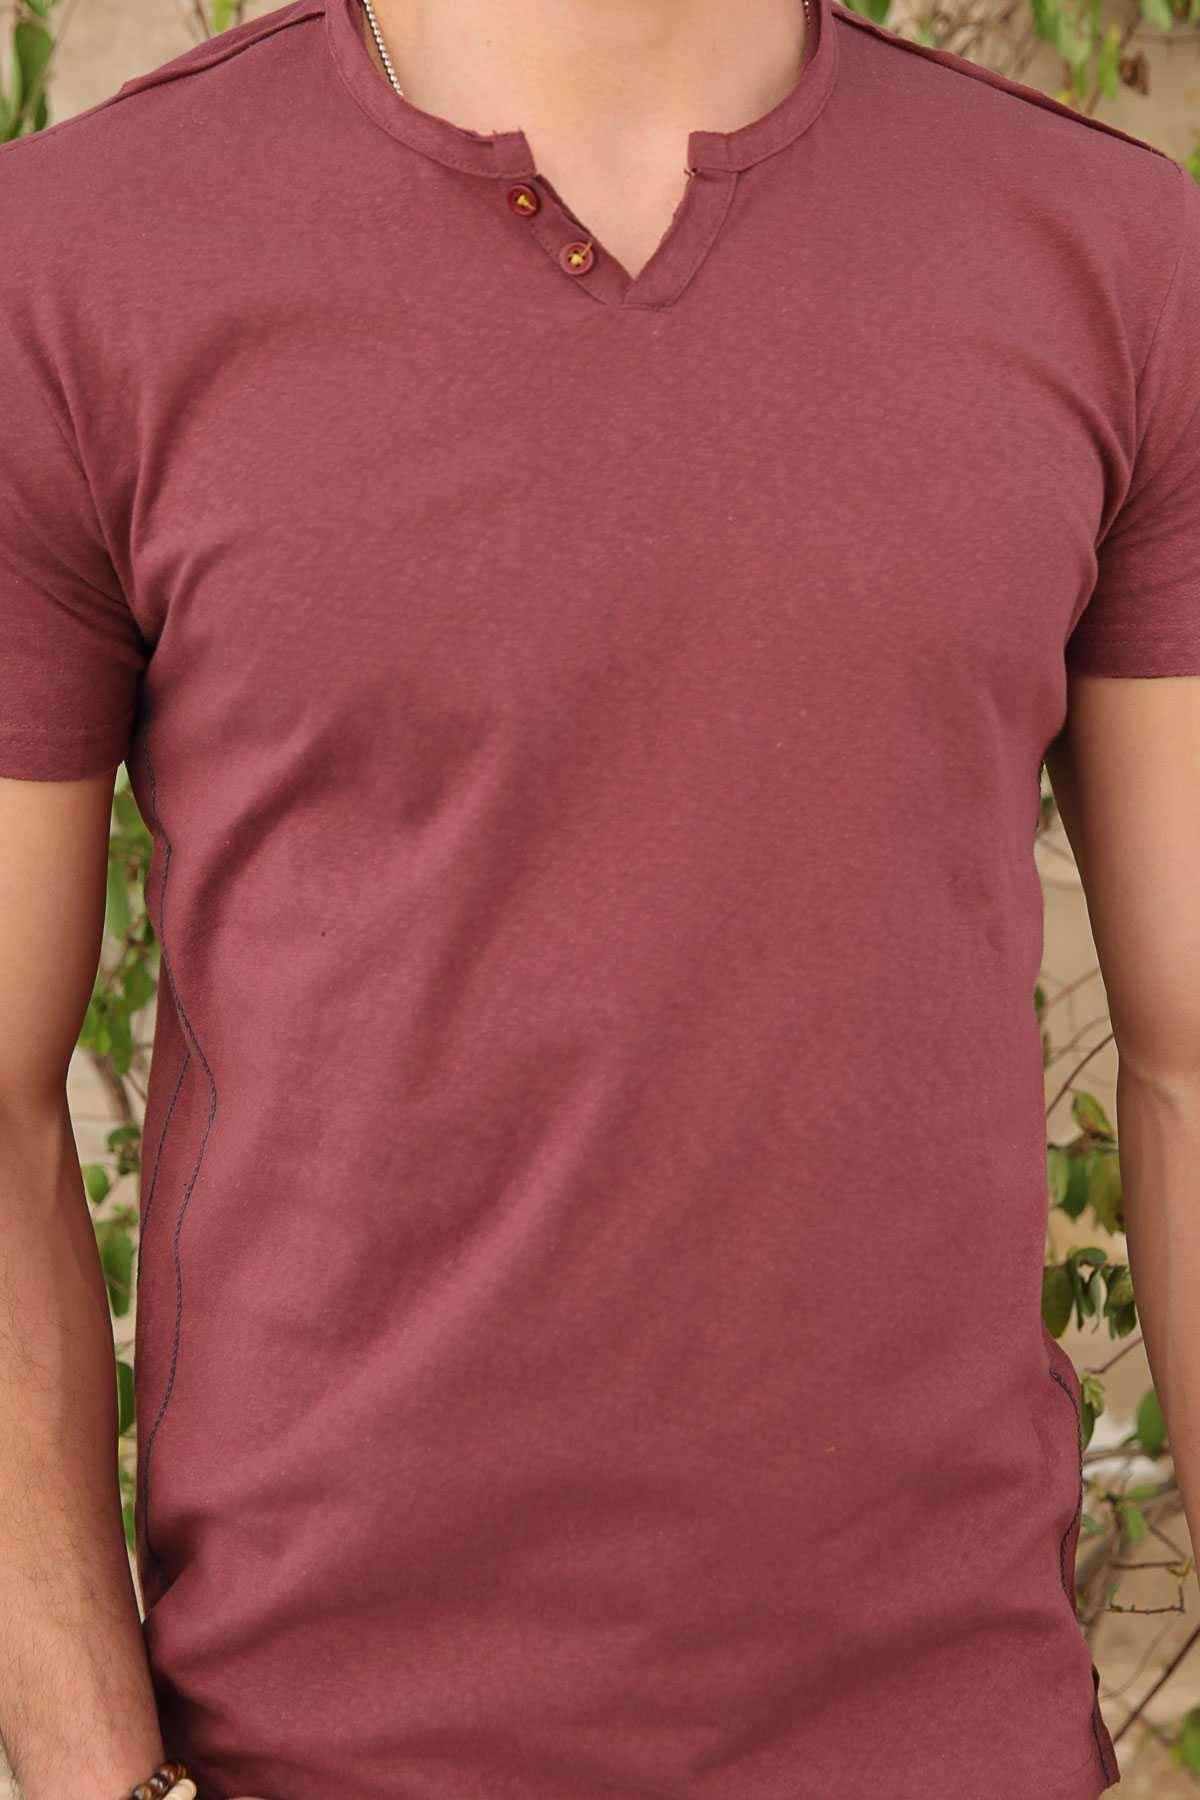 Yaka Çift Düğmeli Yanları İnce Şeritli Slim Fit Tişört Kiremit